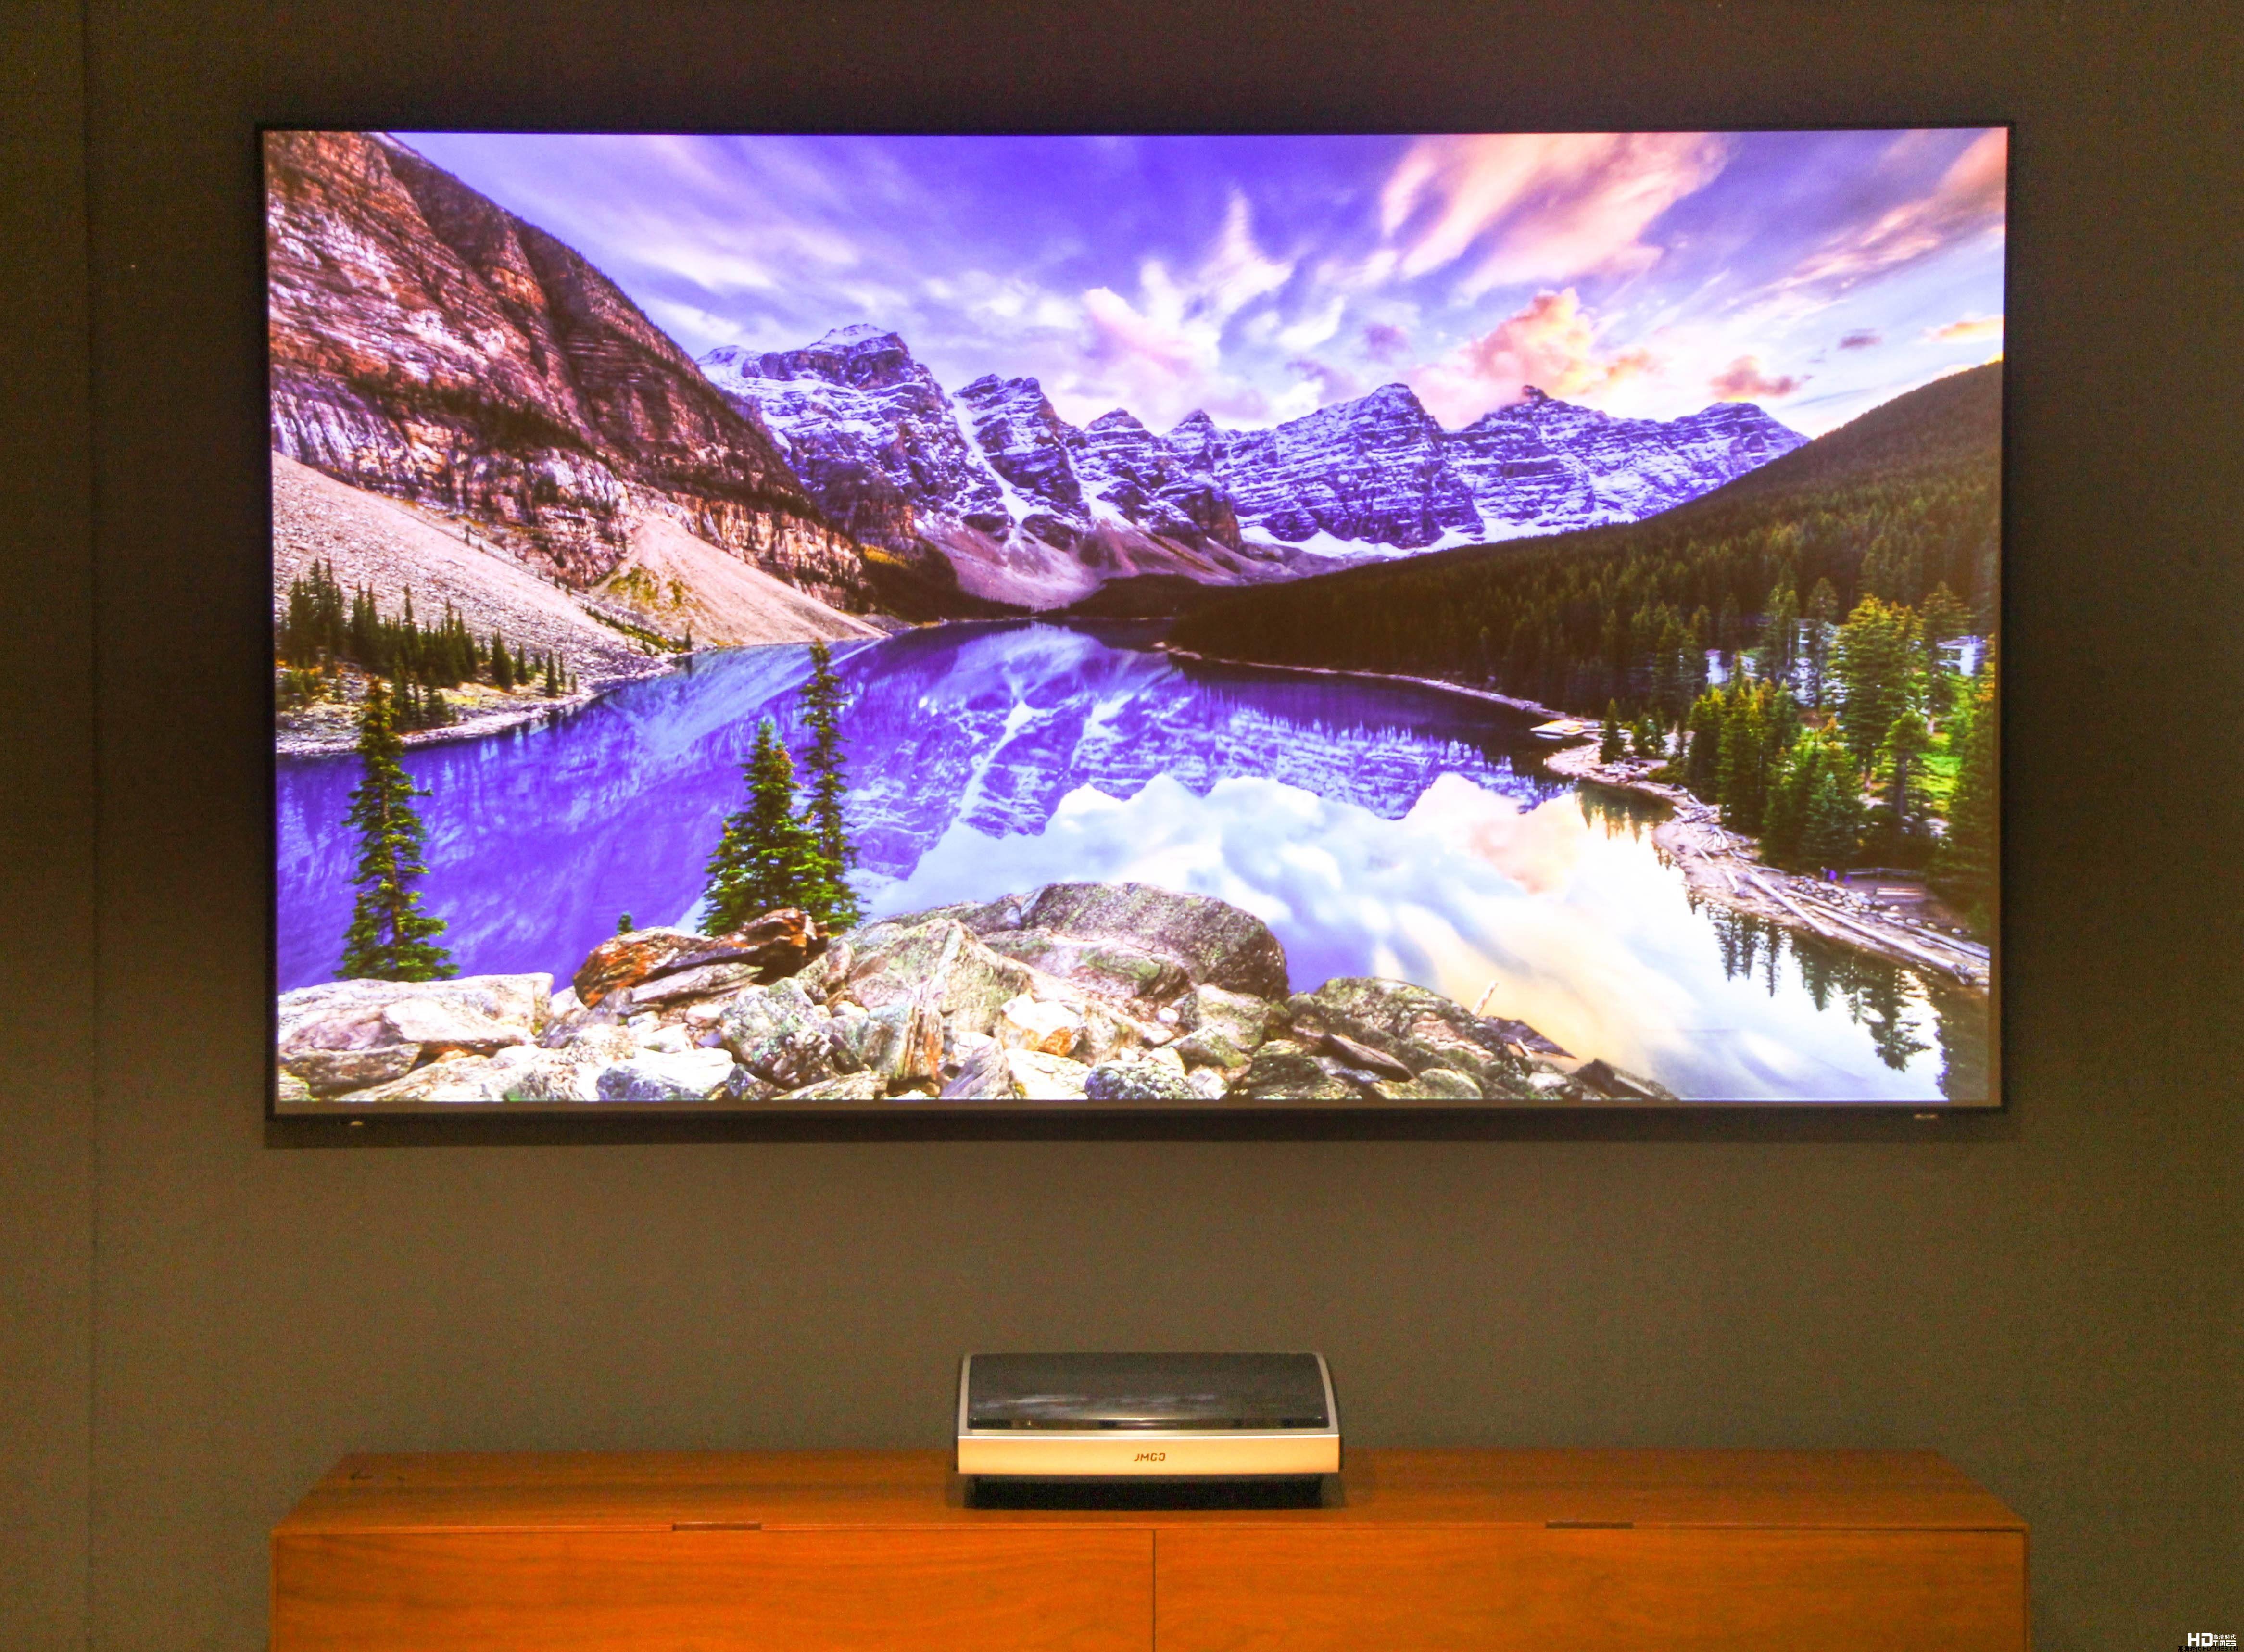 什么是激光电视 相比液晶电视有哪些优点?